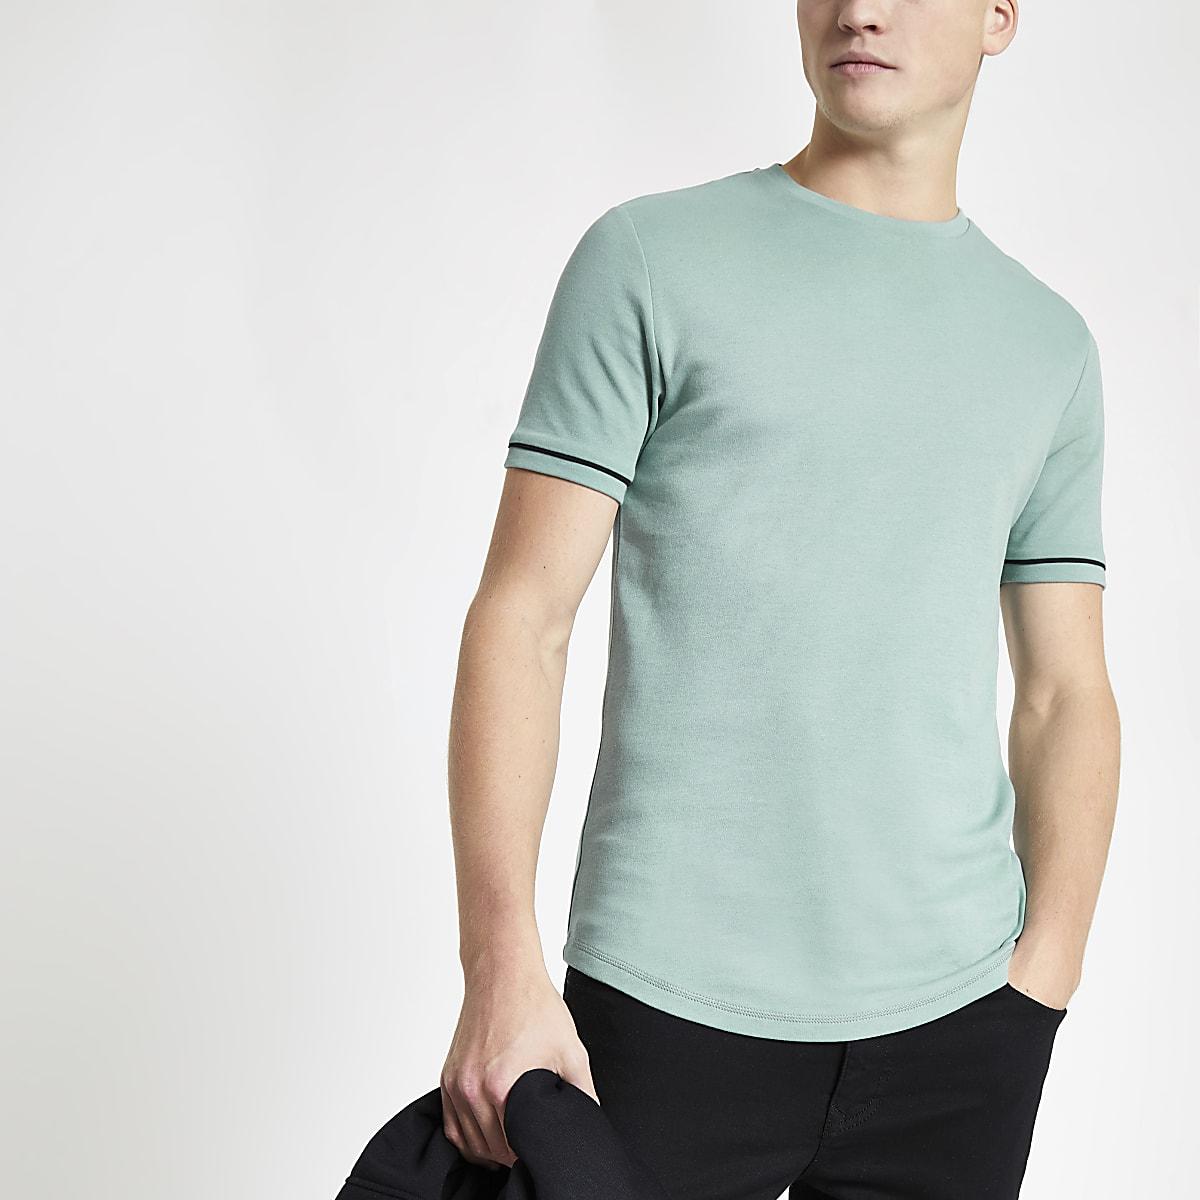 Mint green short sleeve T-shirt